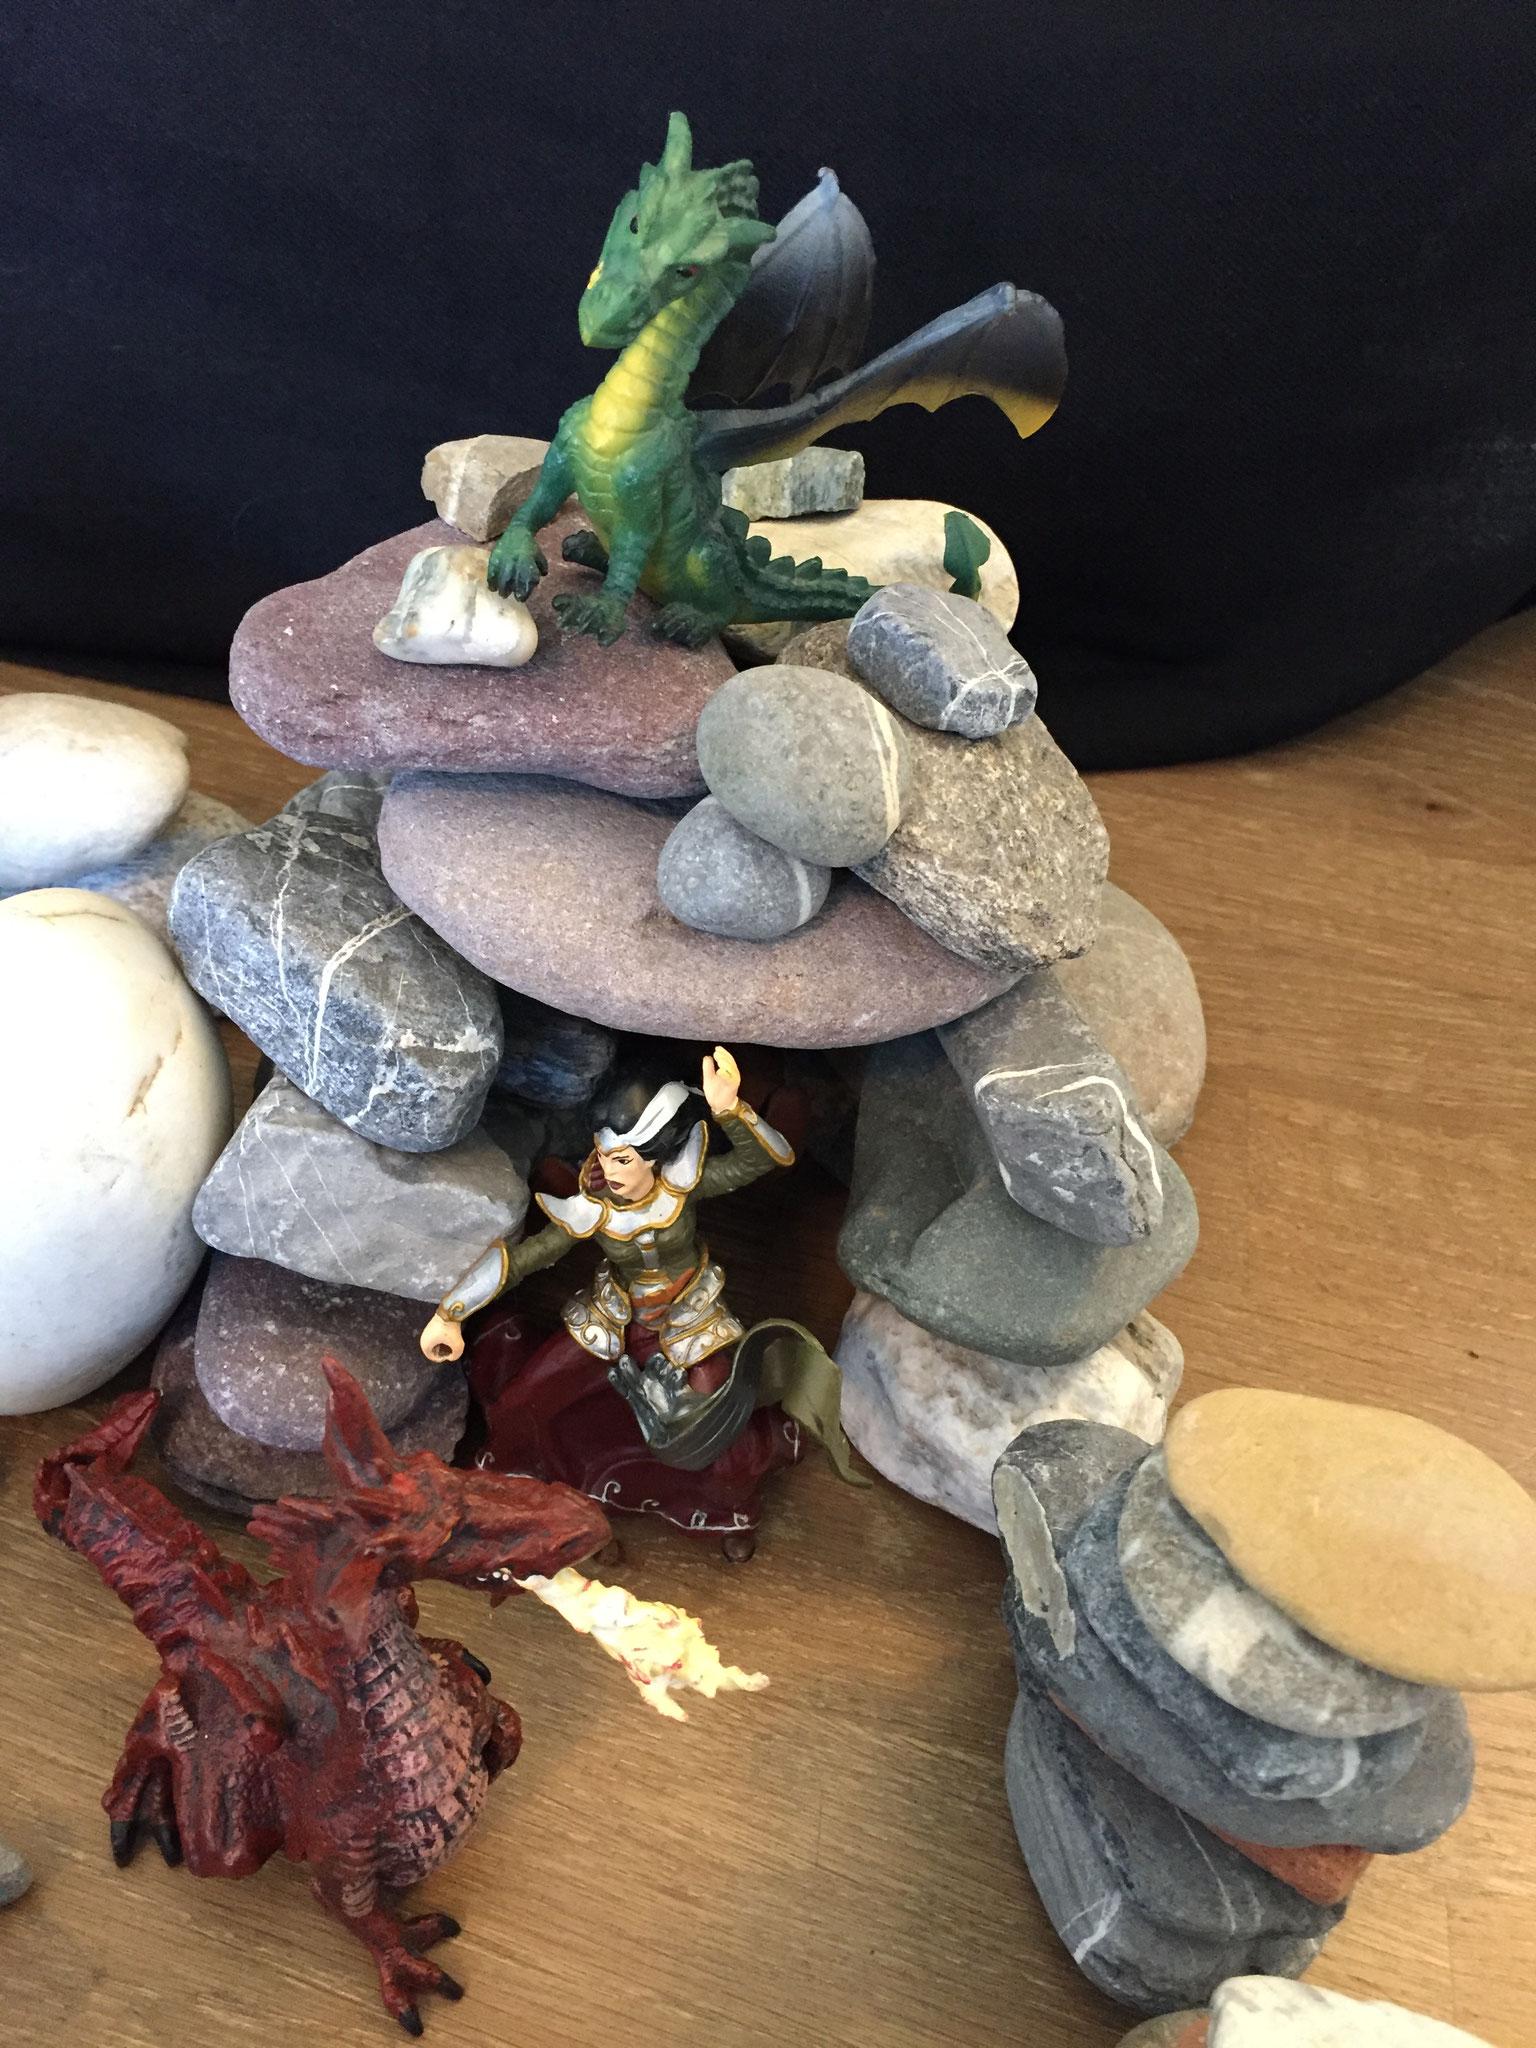 Einmal verirrte sich eine Prinzessin im Wald. Sie war wütend. Der König hatte ihr verboten raus zu gehen. Die Drachen schleppten sie in die Höhle.